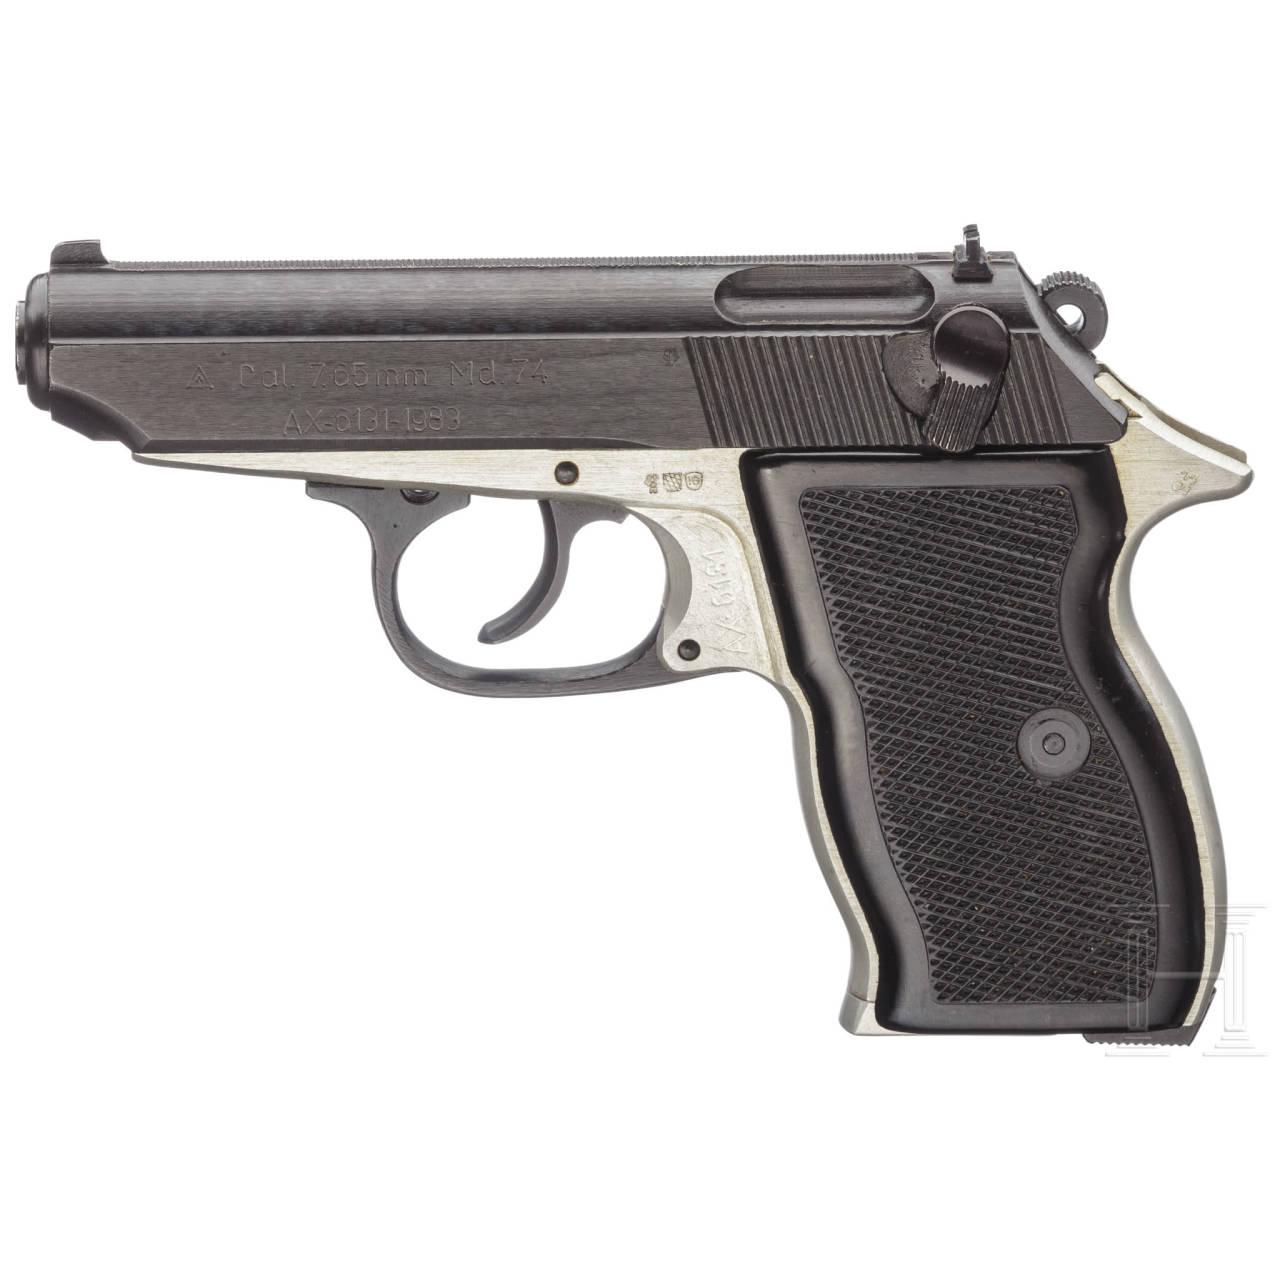 Rumänien - Pistole Mod. 74, Securitate, Polizei, Militär